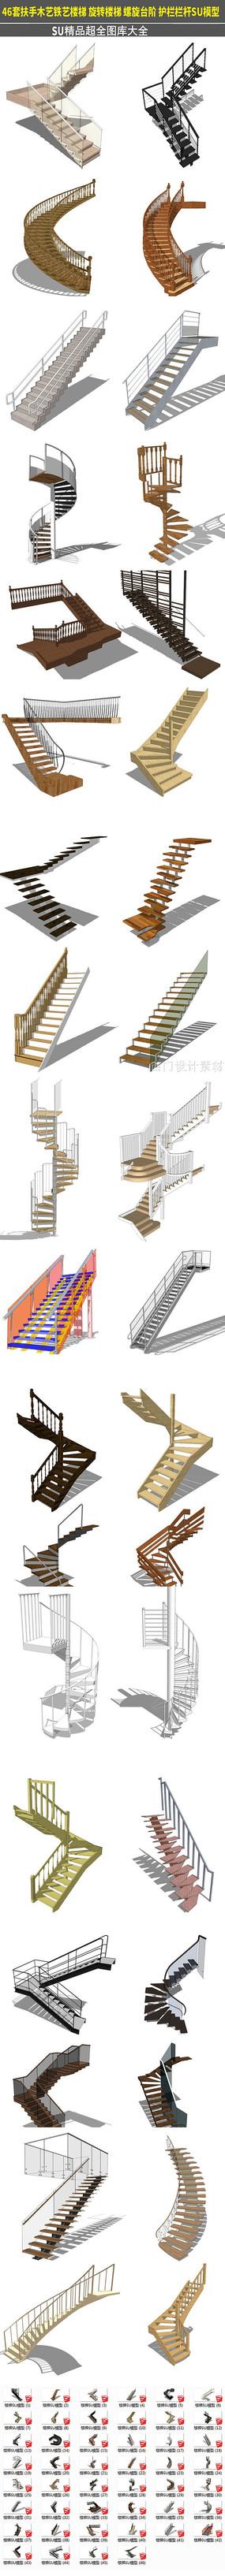 扶手楼梯旋转楼梯台阶护栏SU模型